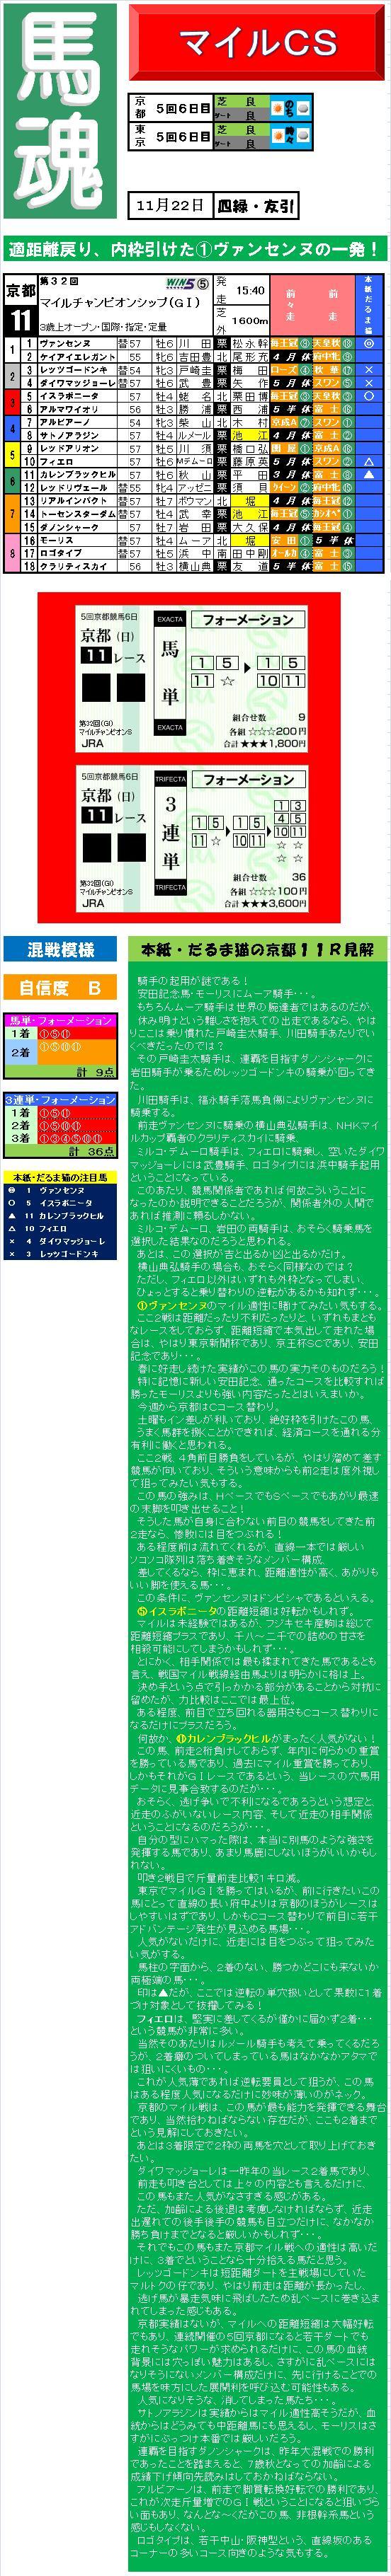 20151122・だるま猫の馬魂☆京都11R マイルCS(GⅠ).jpg